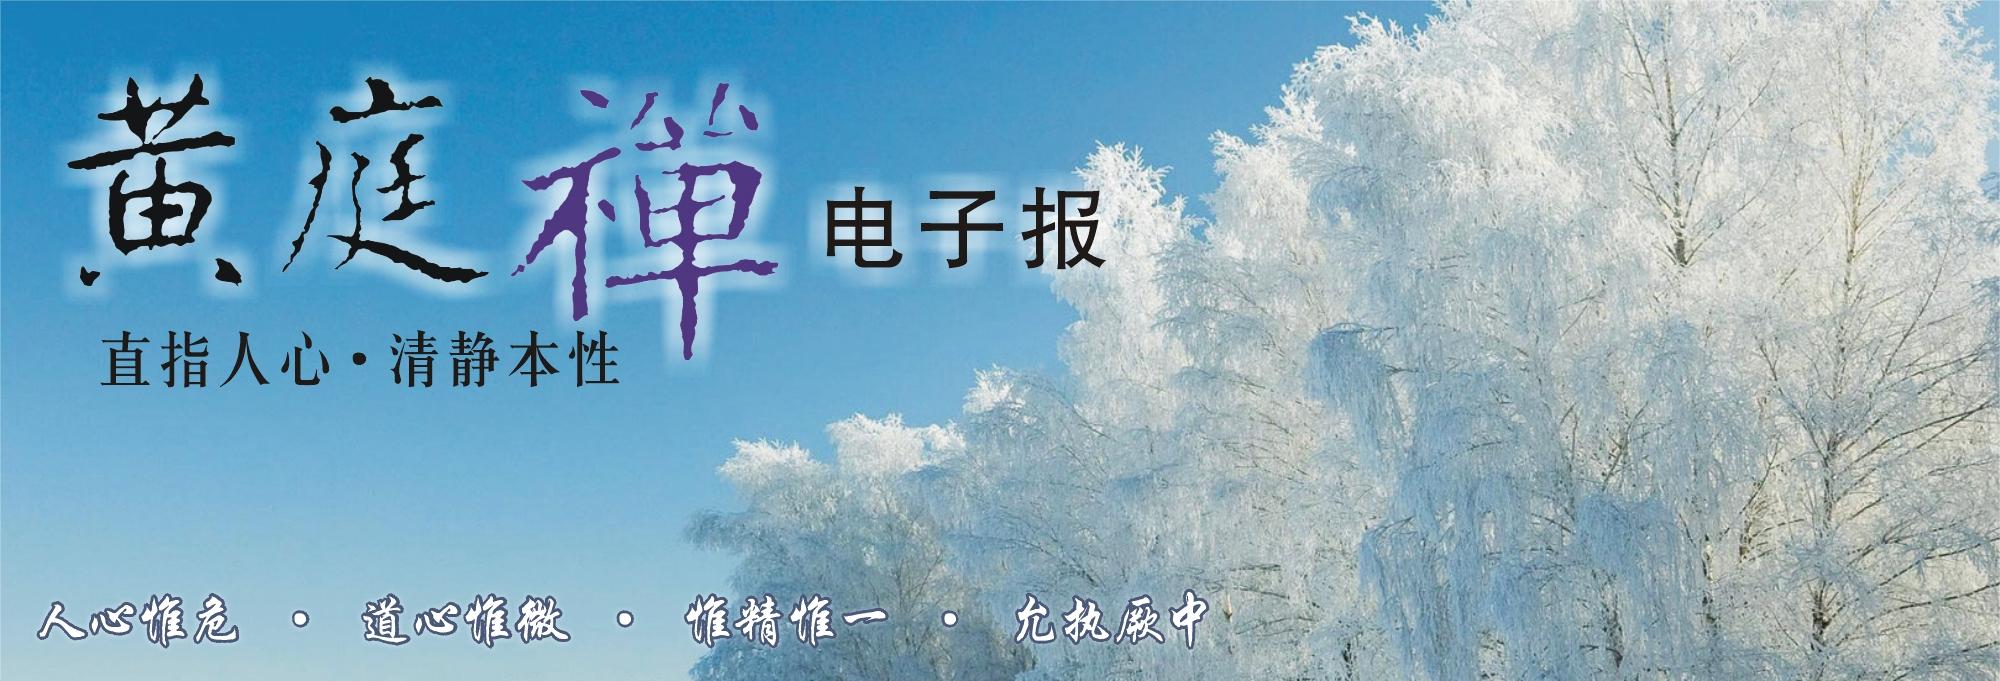 中华黄庭禅学会2015.01.01电子报